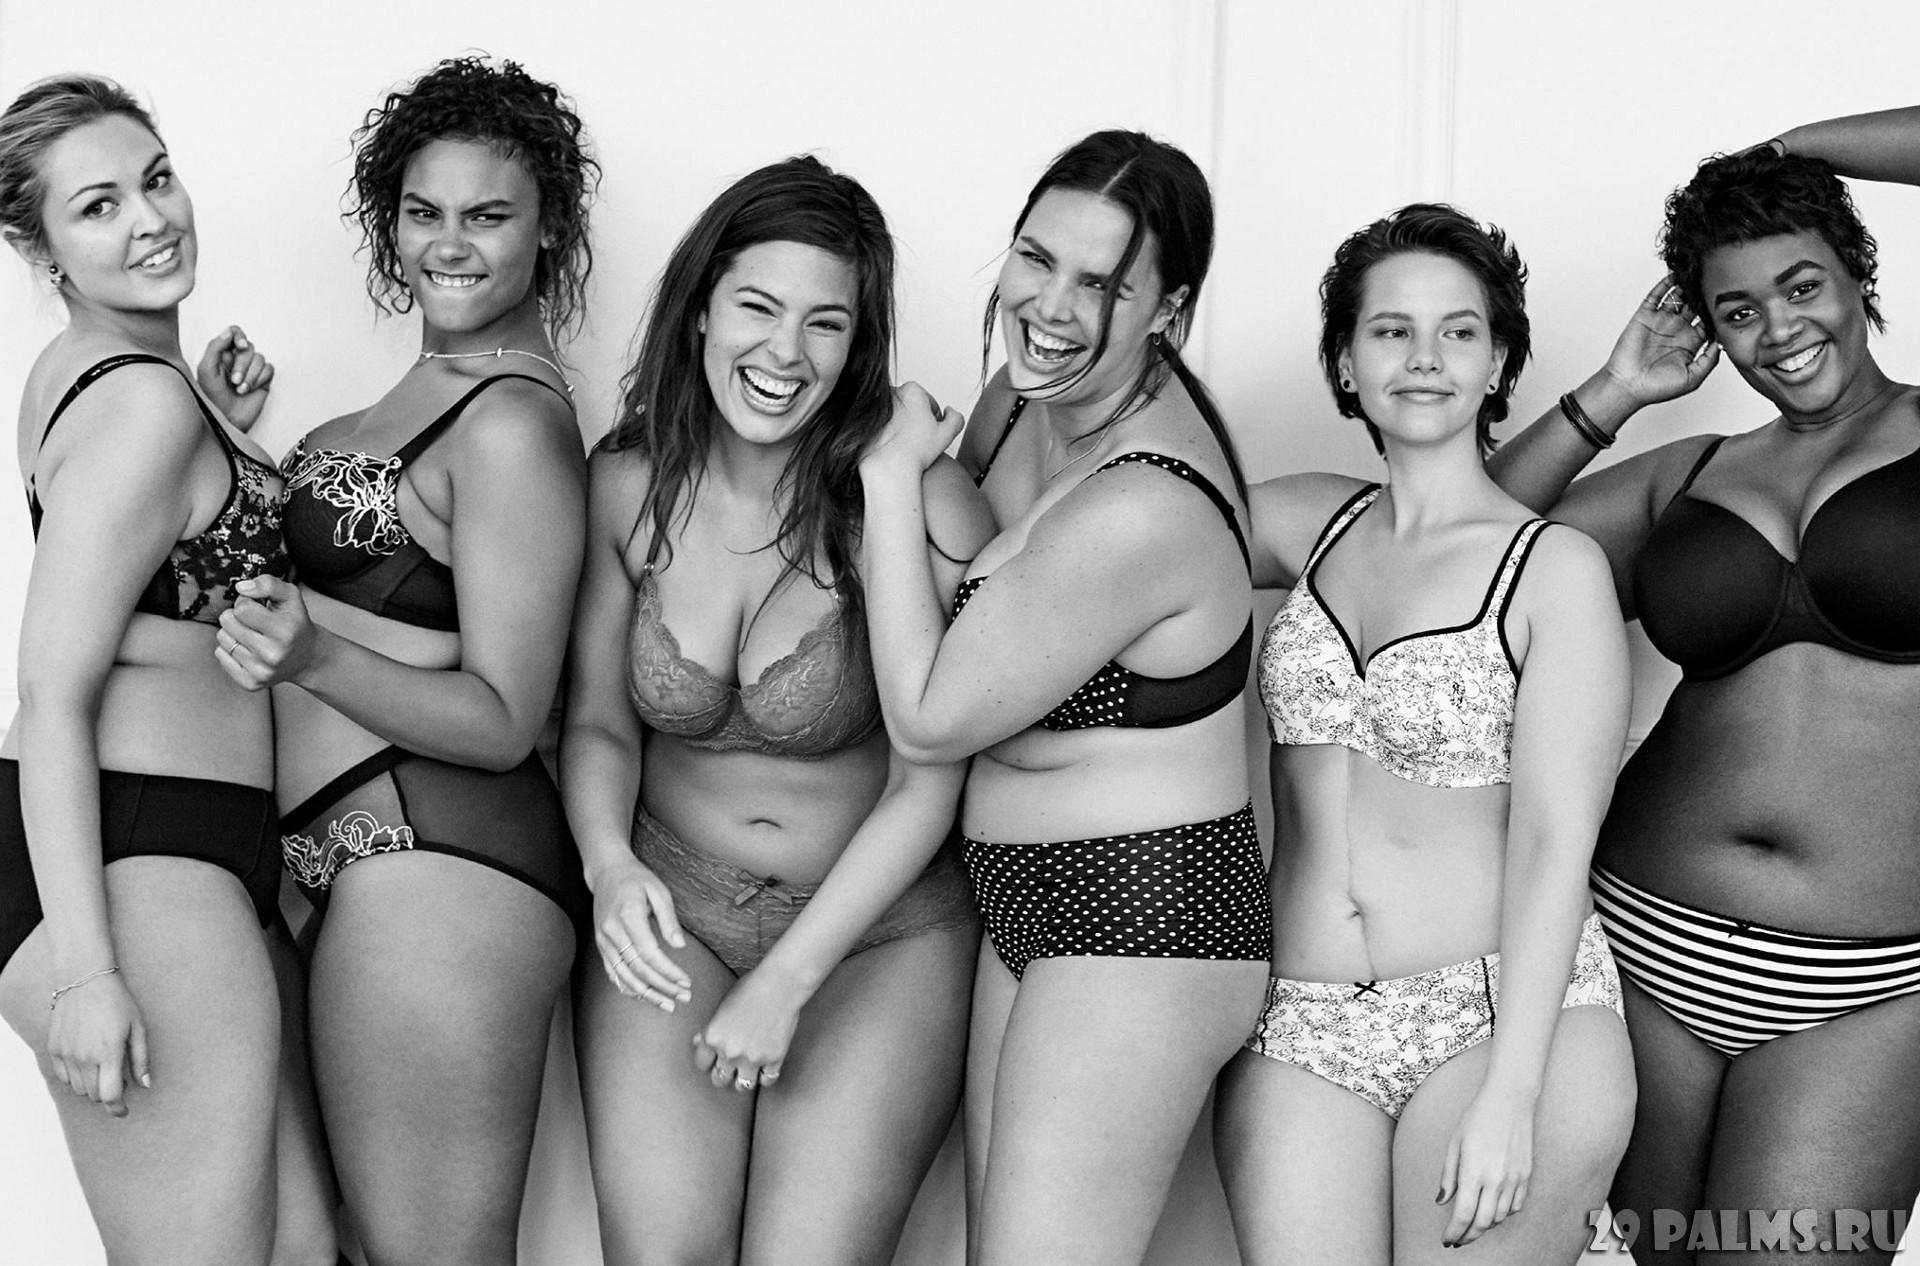 Фото женских пышных форм 14 фотография